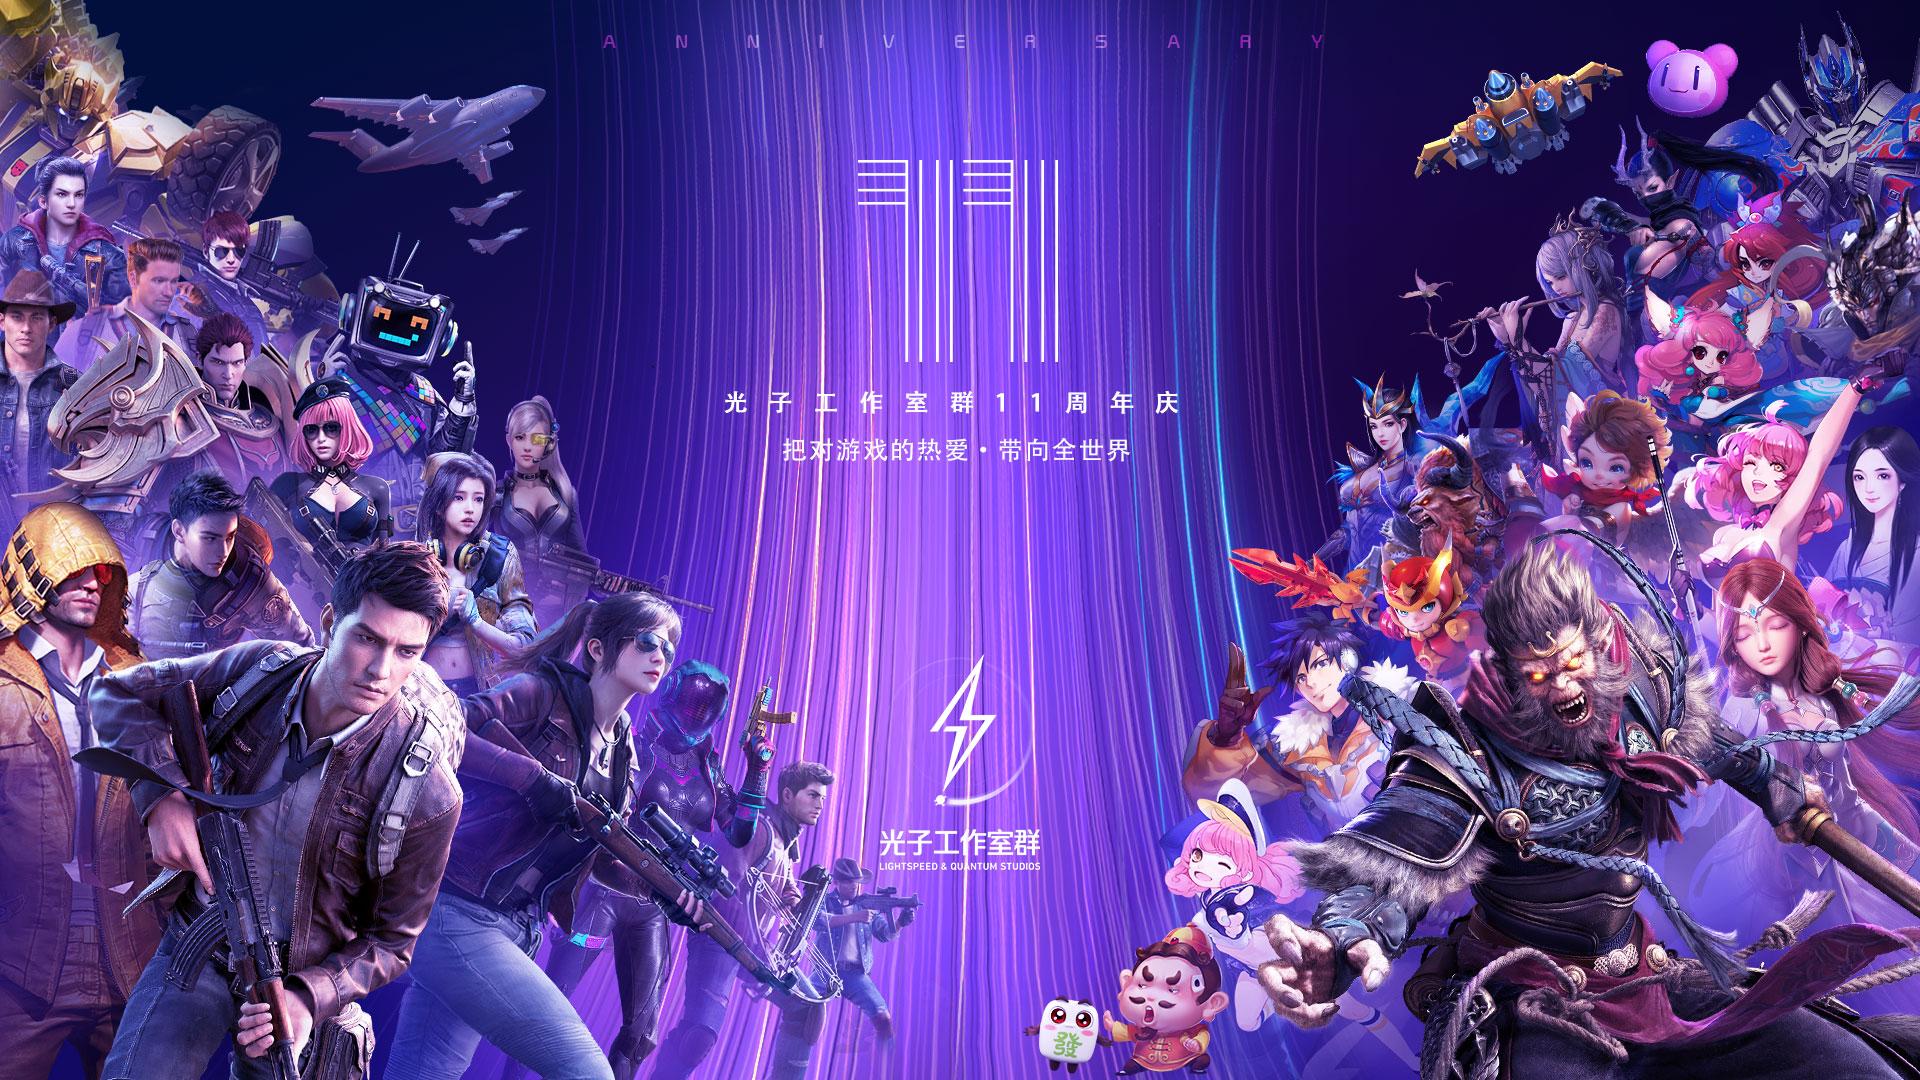 光子工作室群11周年——把对游戏的热爱带向全世界